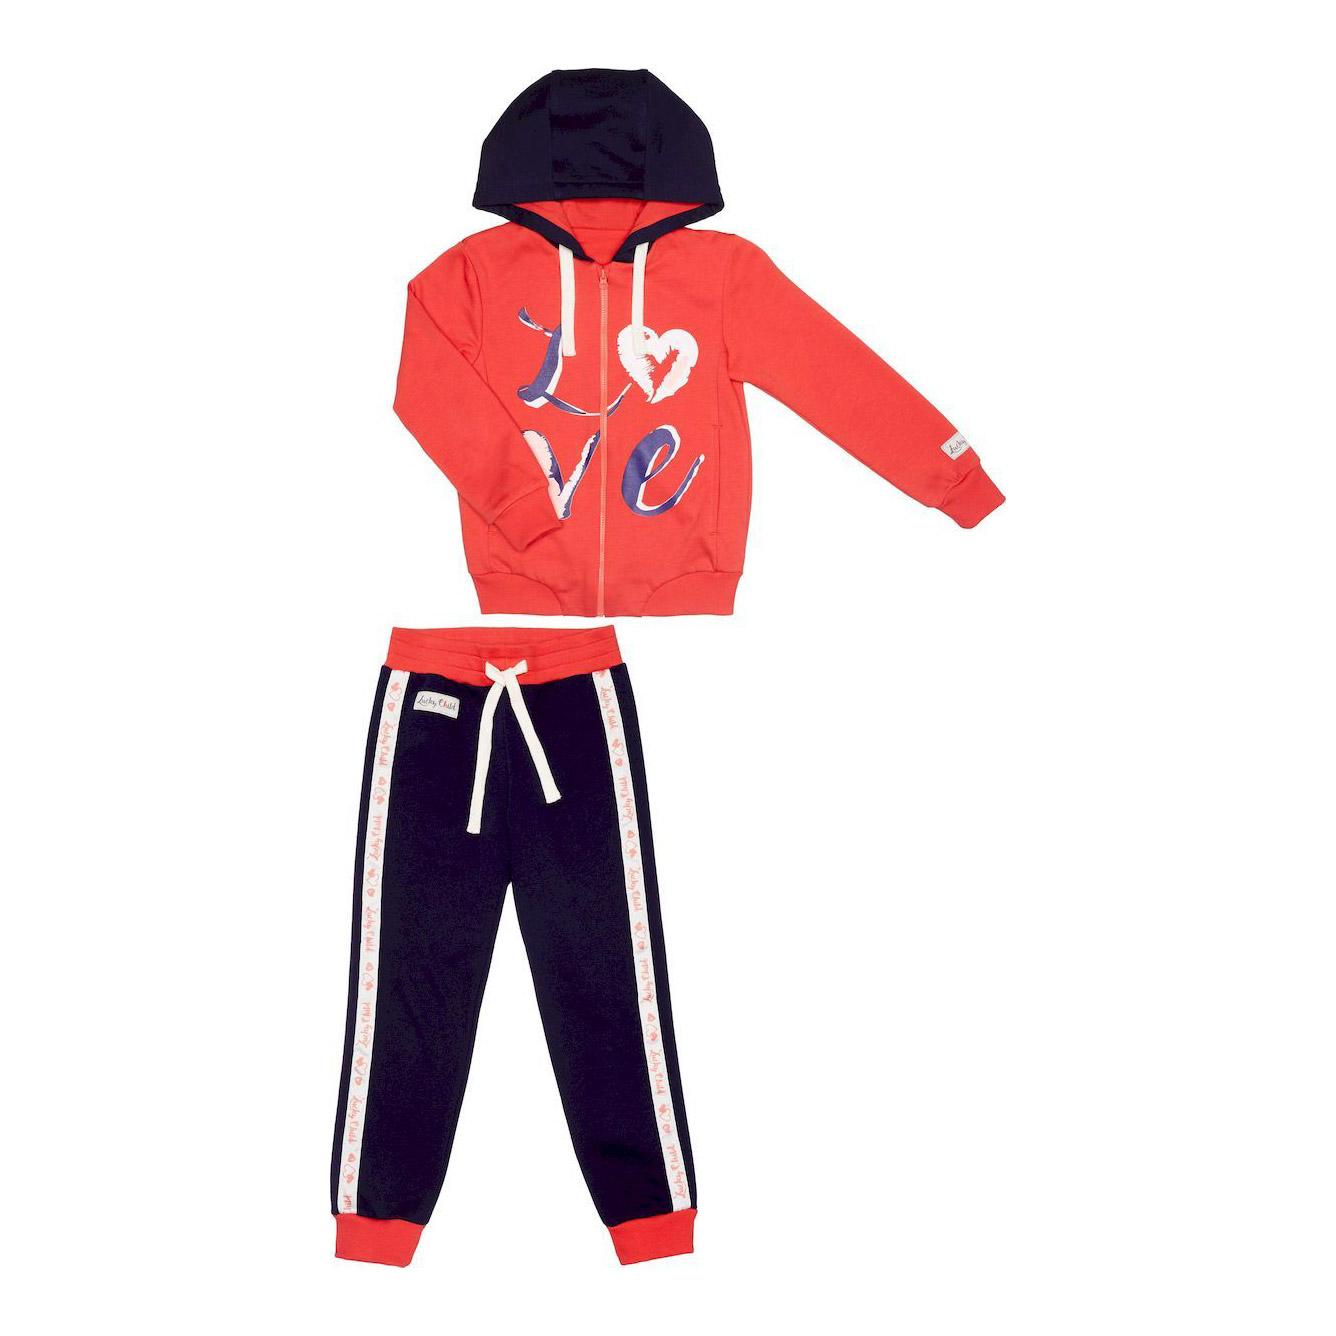 Купить Спортивный костюм Lucky Child: куртка и брюки коралл/синий 92-98, Молочный, Синий, Футер, Для девочек, Весна-Лето,